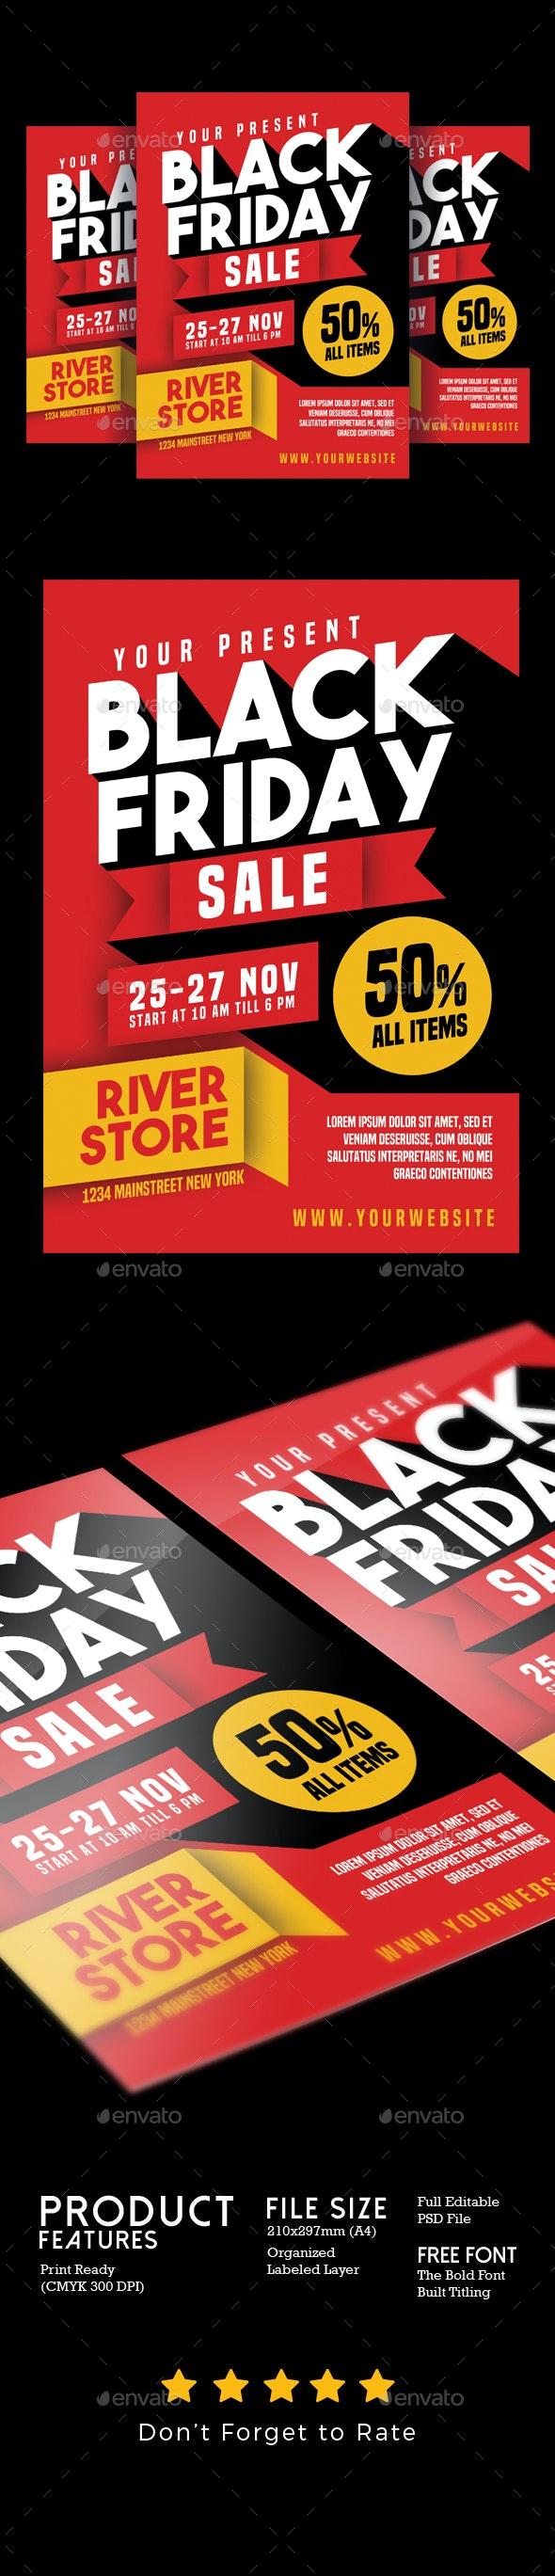 Black Friday Sale Flyer - Flyers Print Templates